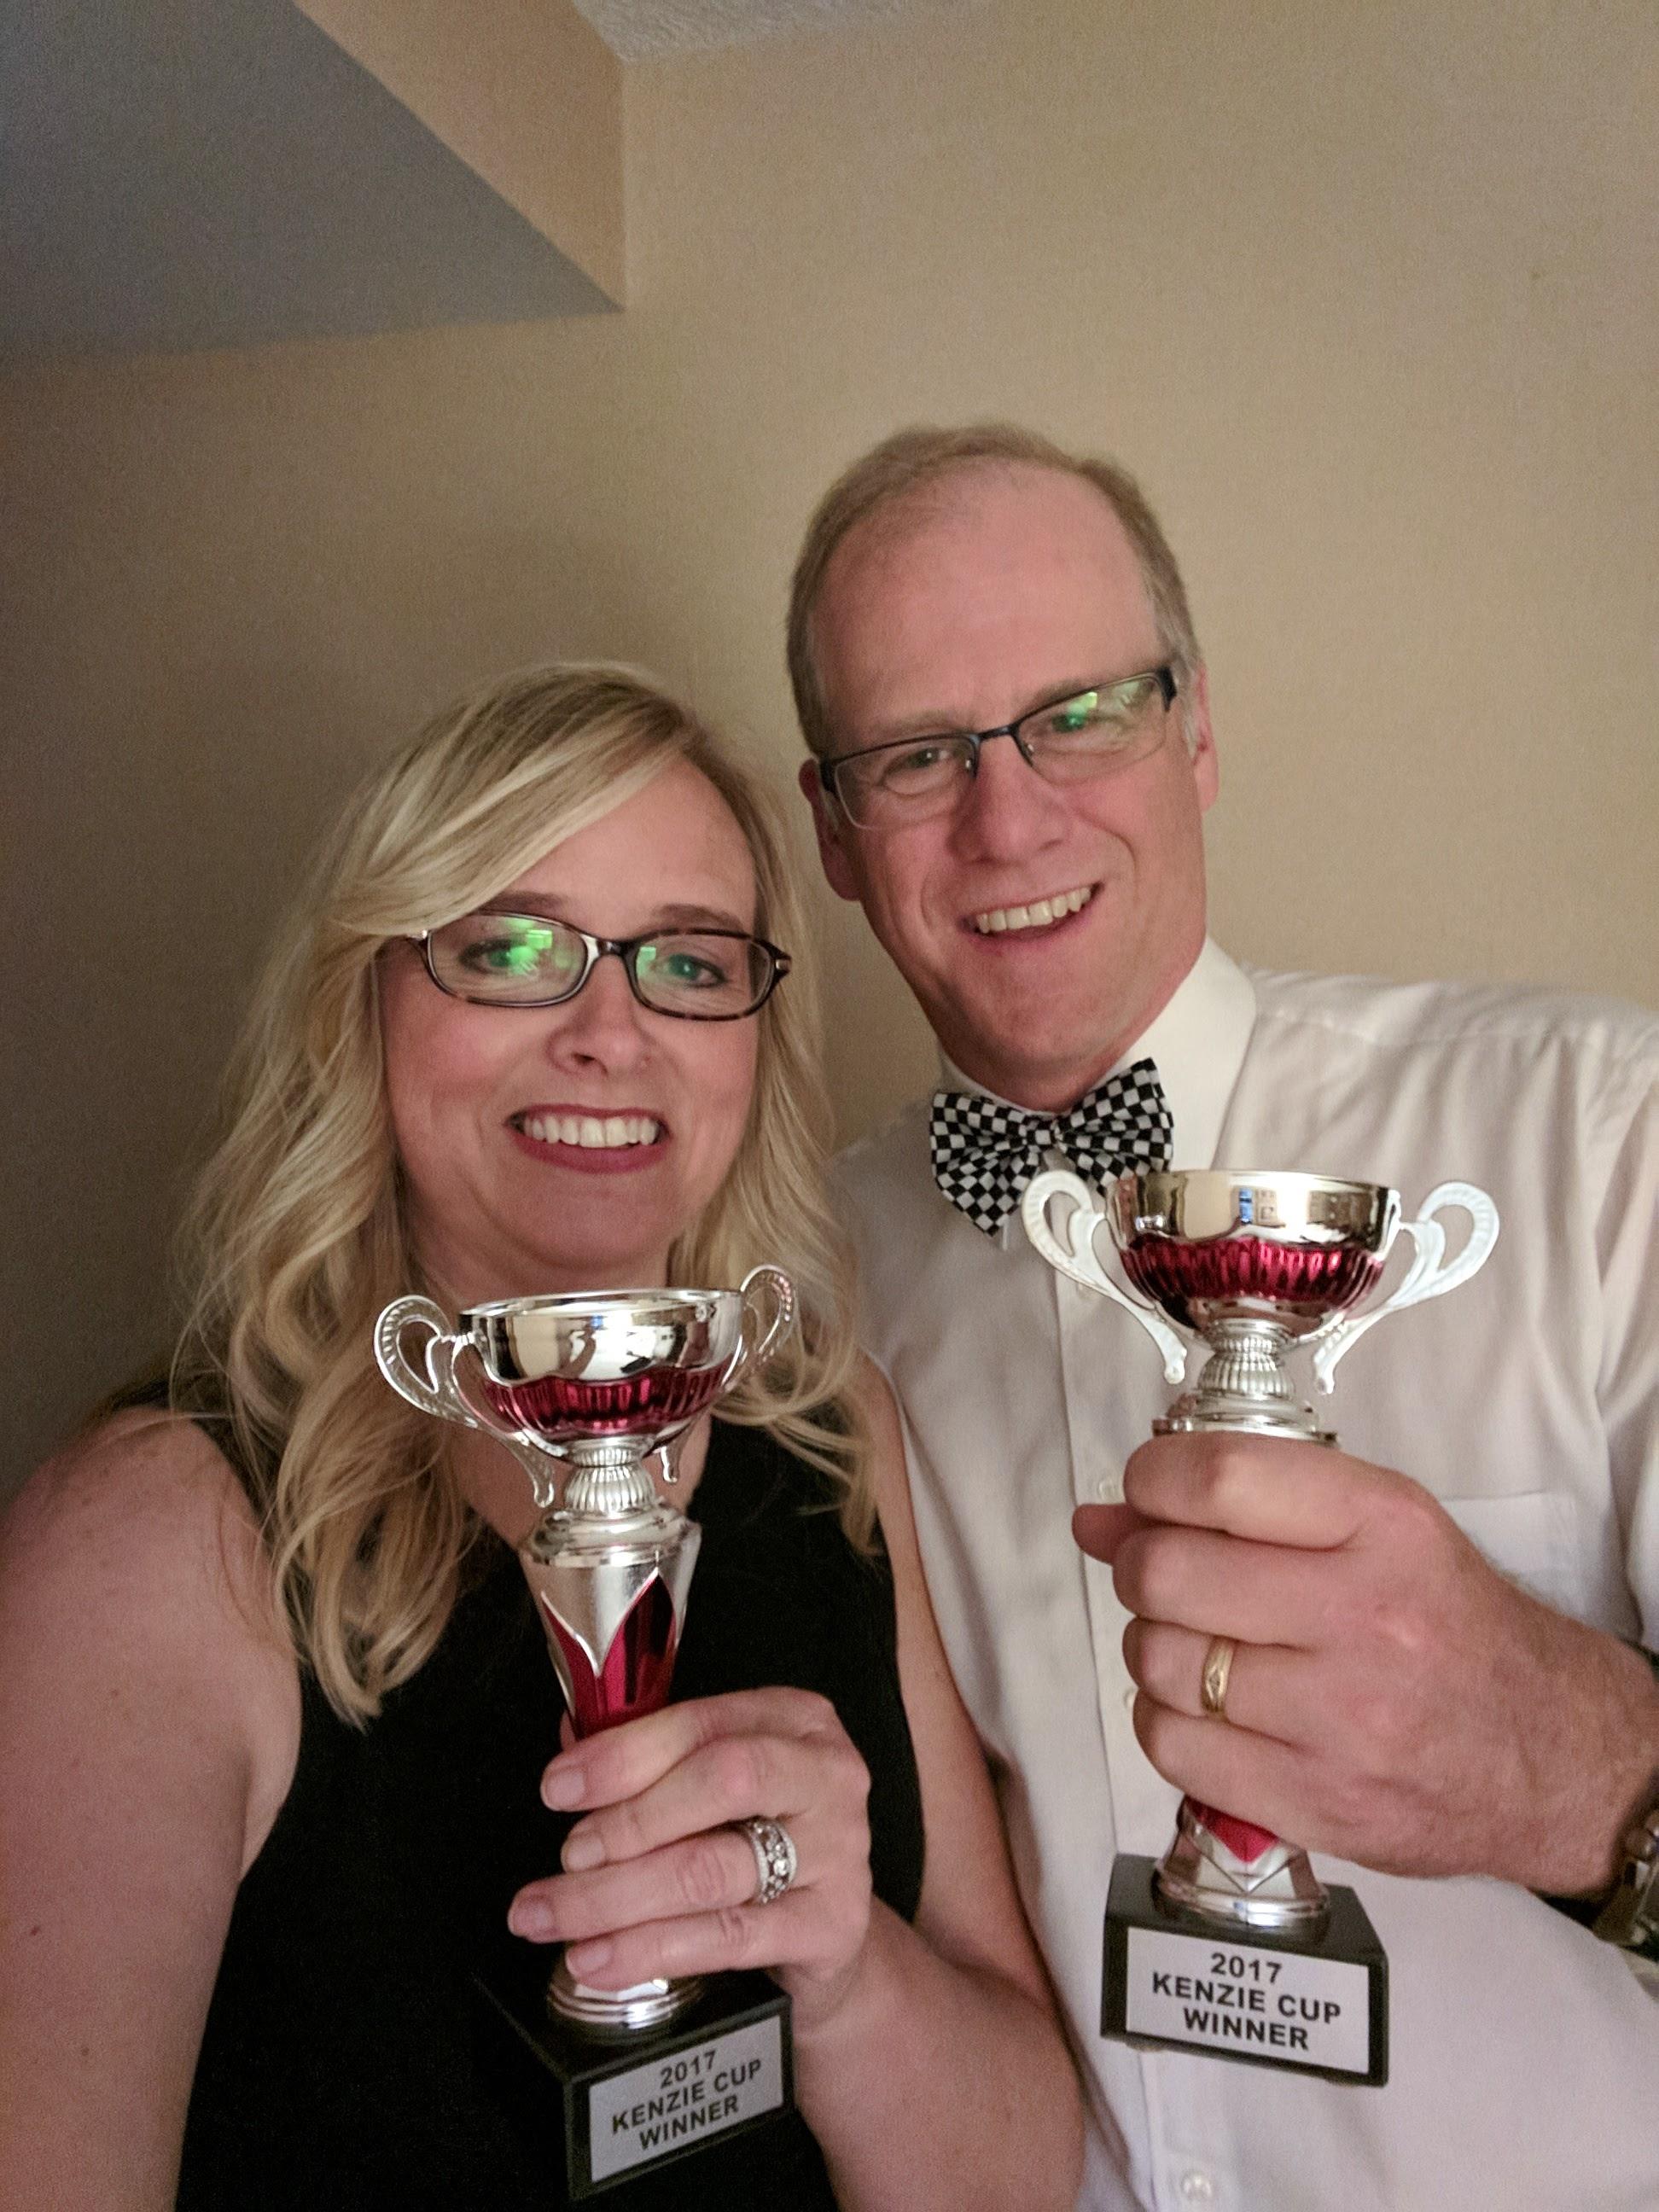 Yeah! Kenzie cup winners!